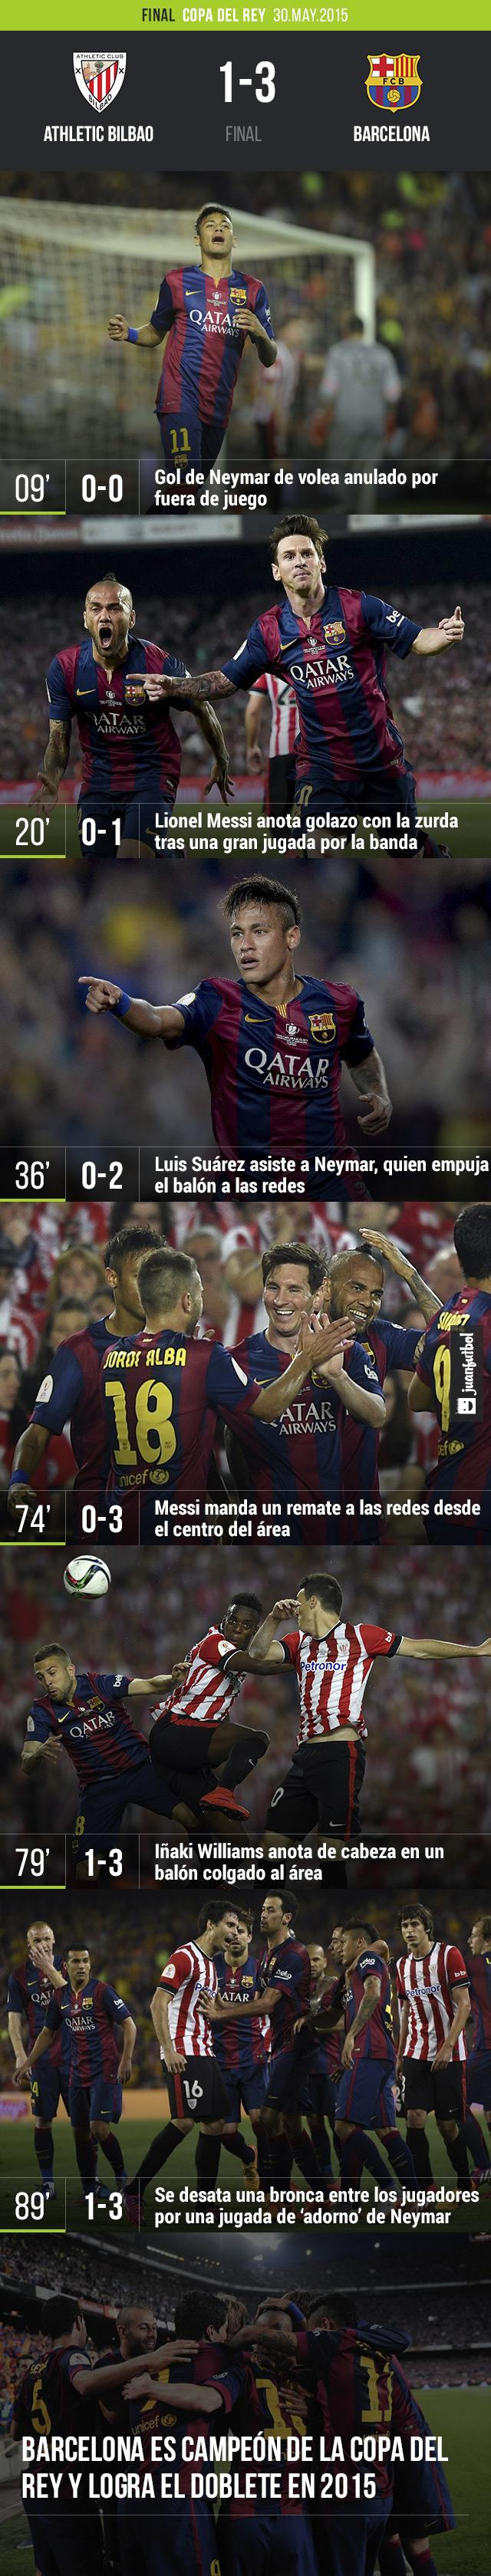 Barcelona se corona como Campeón de la Copa del Rey 2015